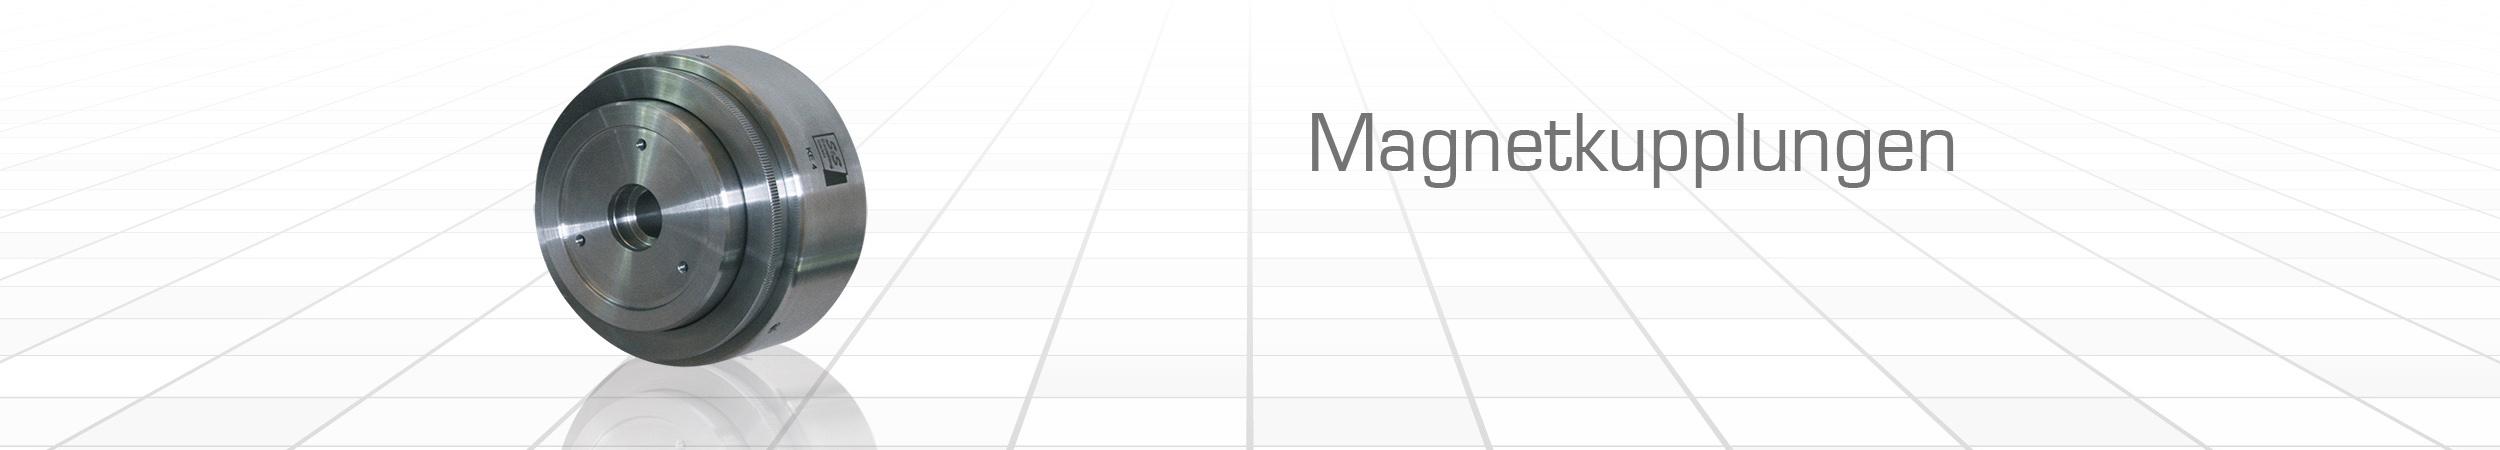 Magnetkupplungen